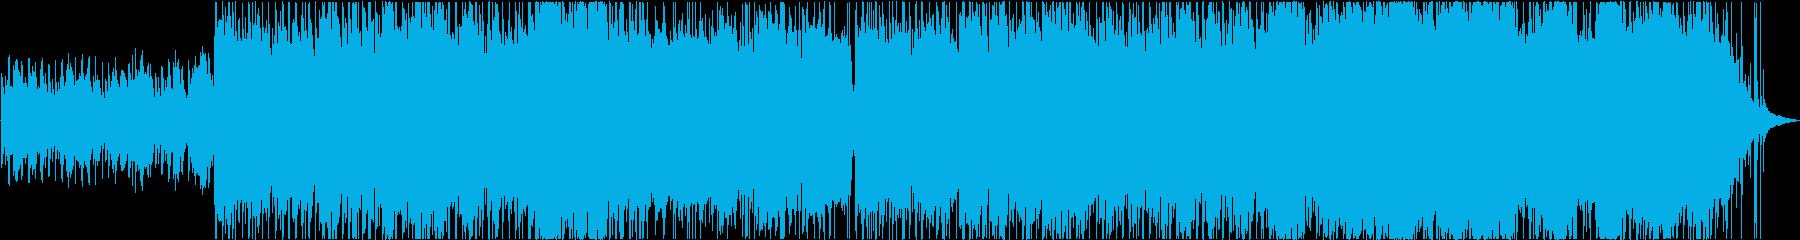 ピアノパターンを特徴とするポップロックの再生済みの波形